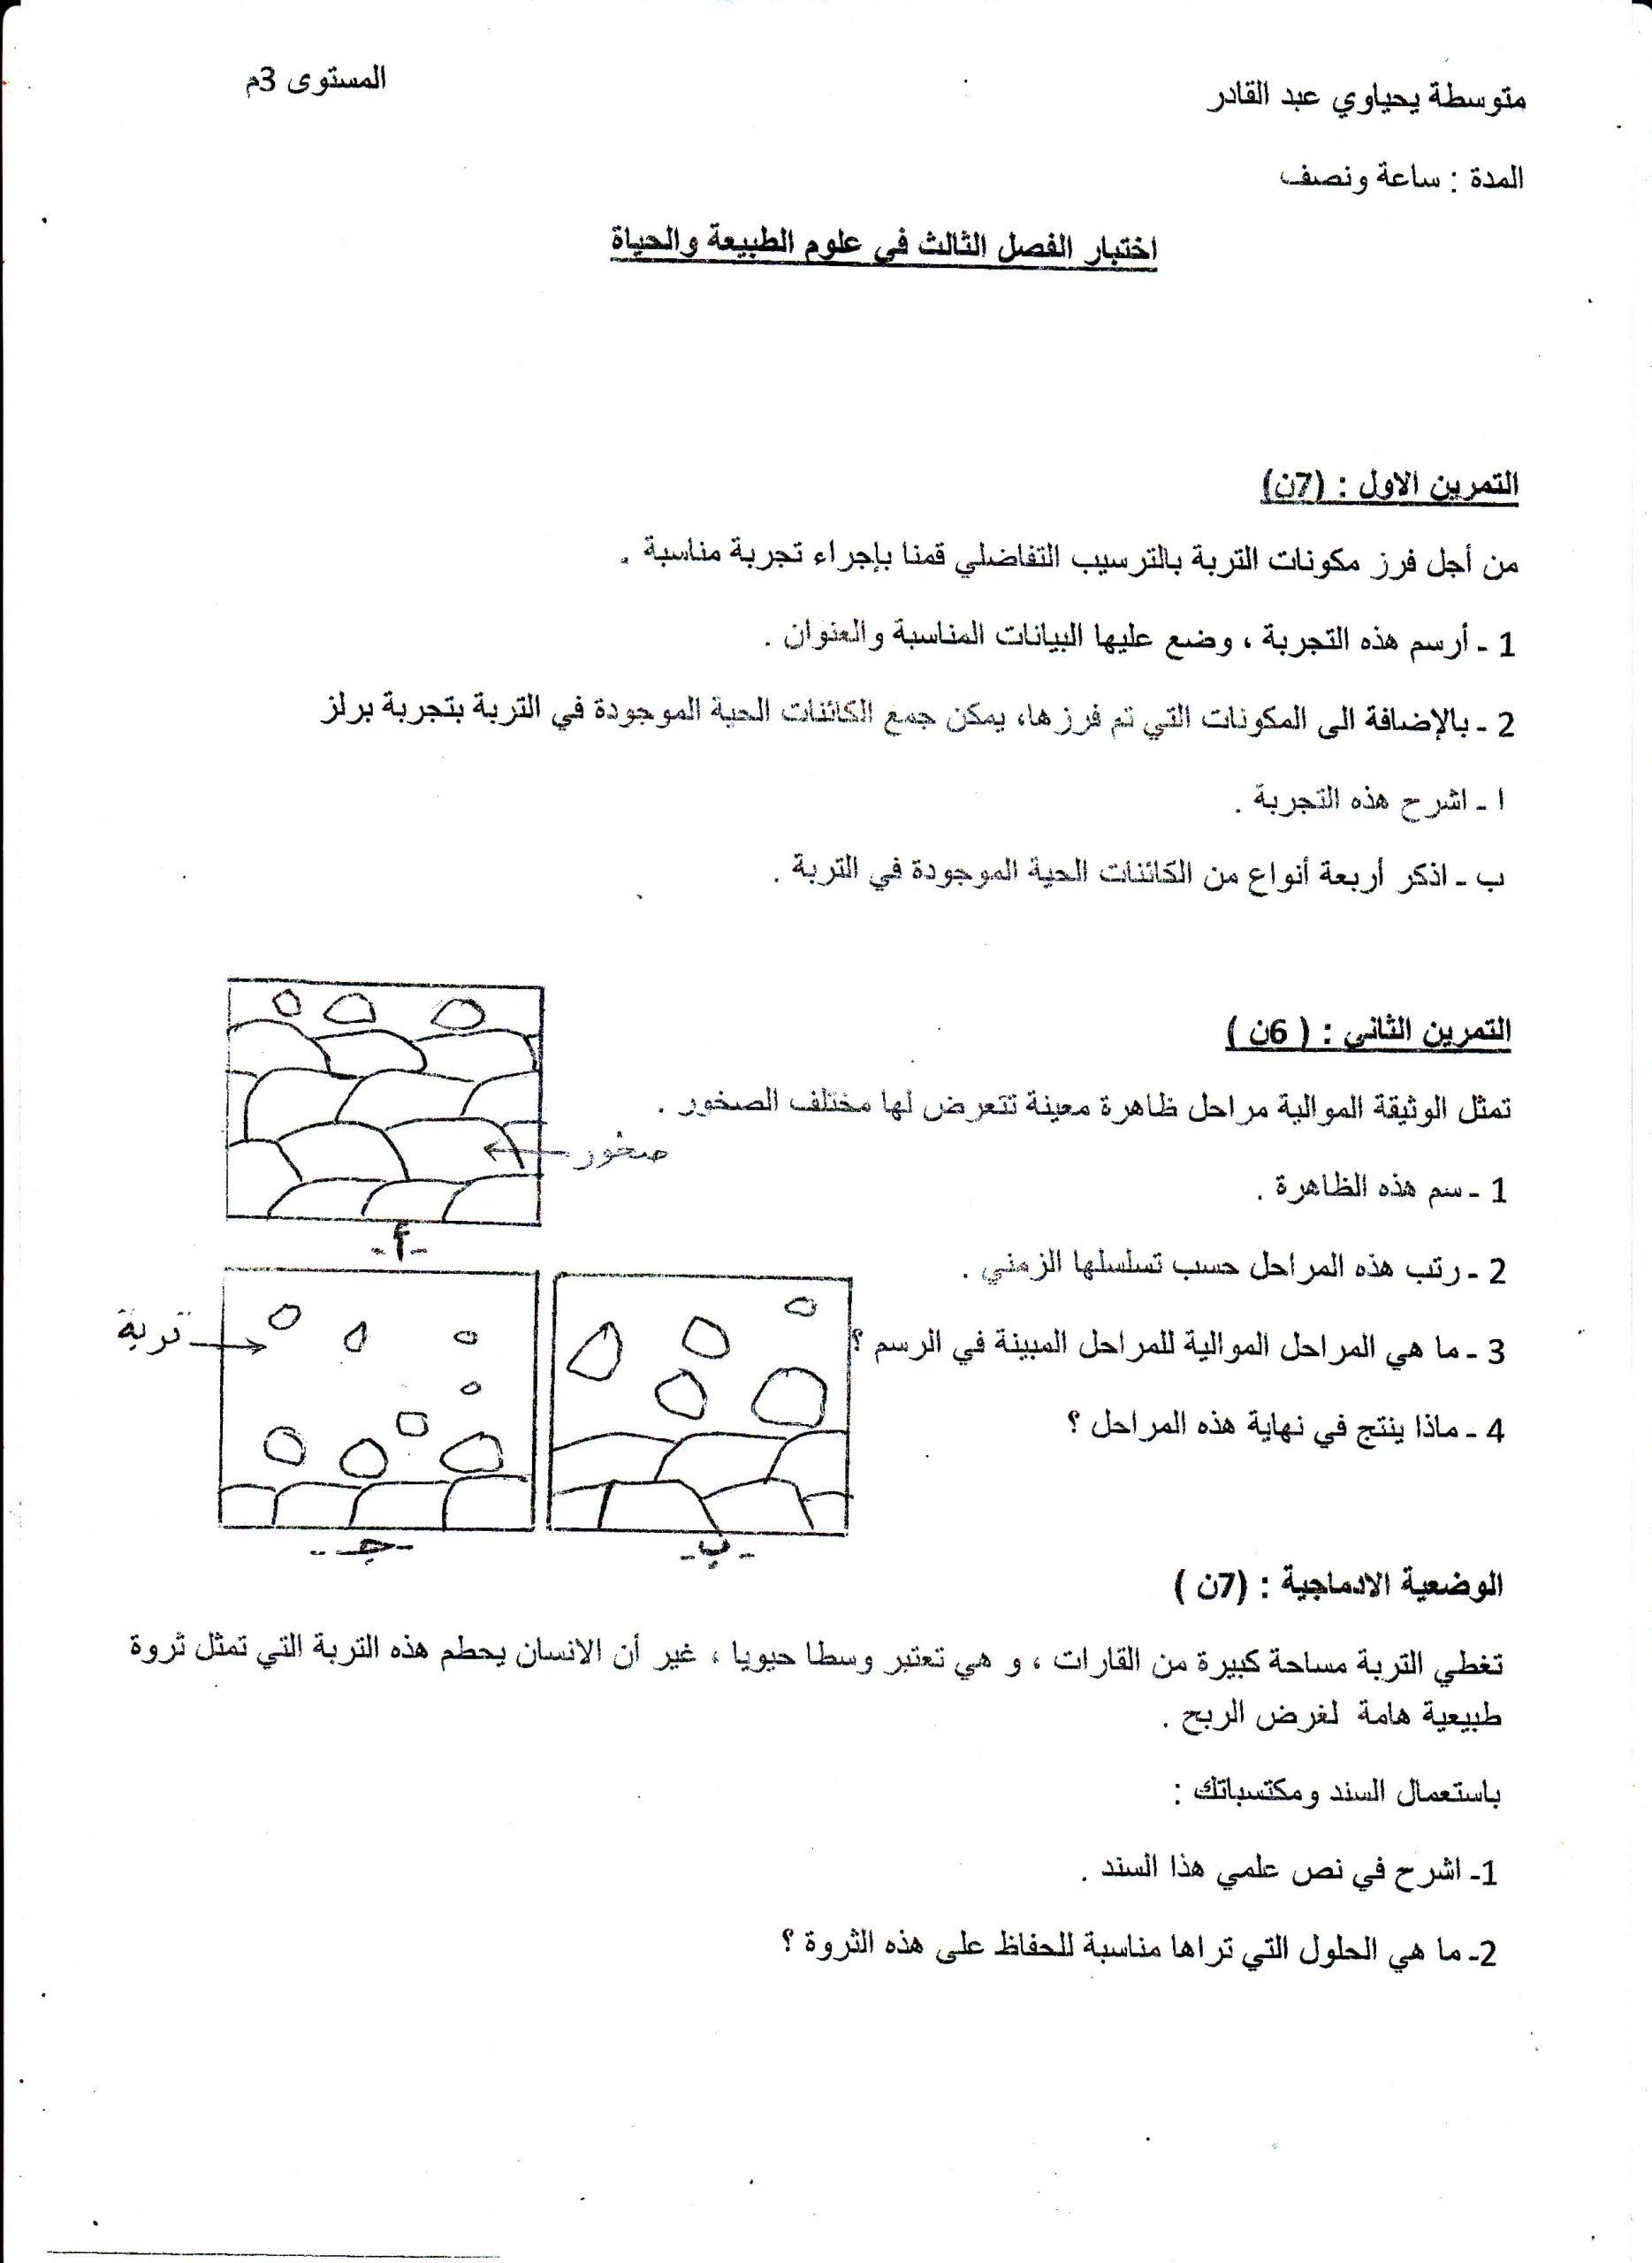 اختبار الفصل الثالث في العلوم الطبيعية السنة الثالثة متوسط | الموضوع 04